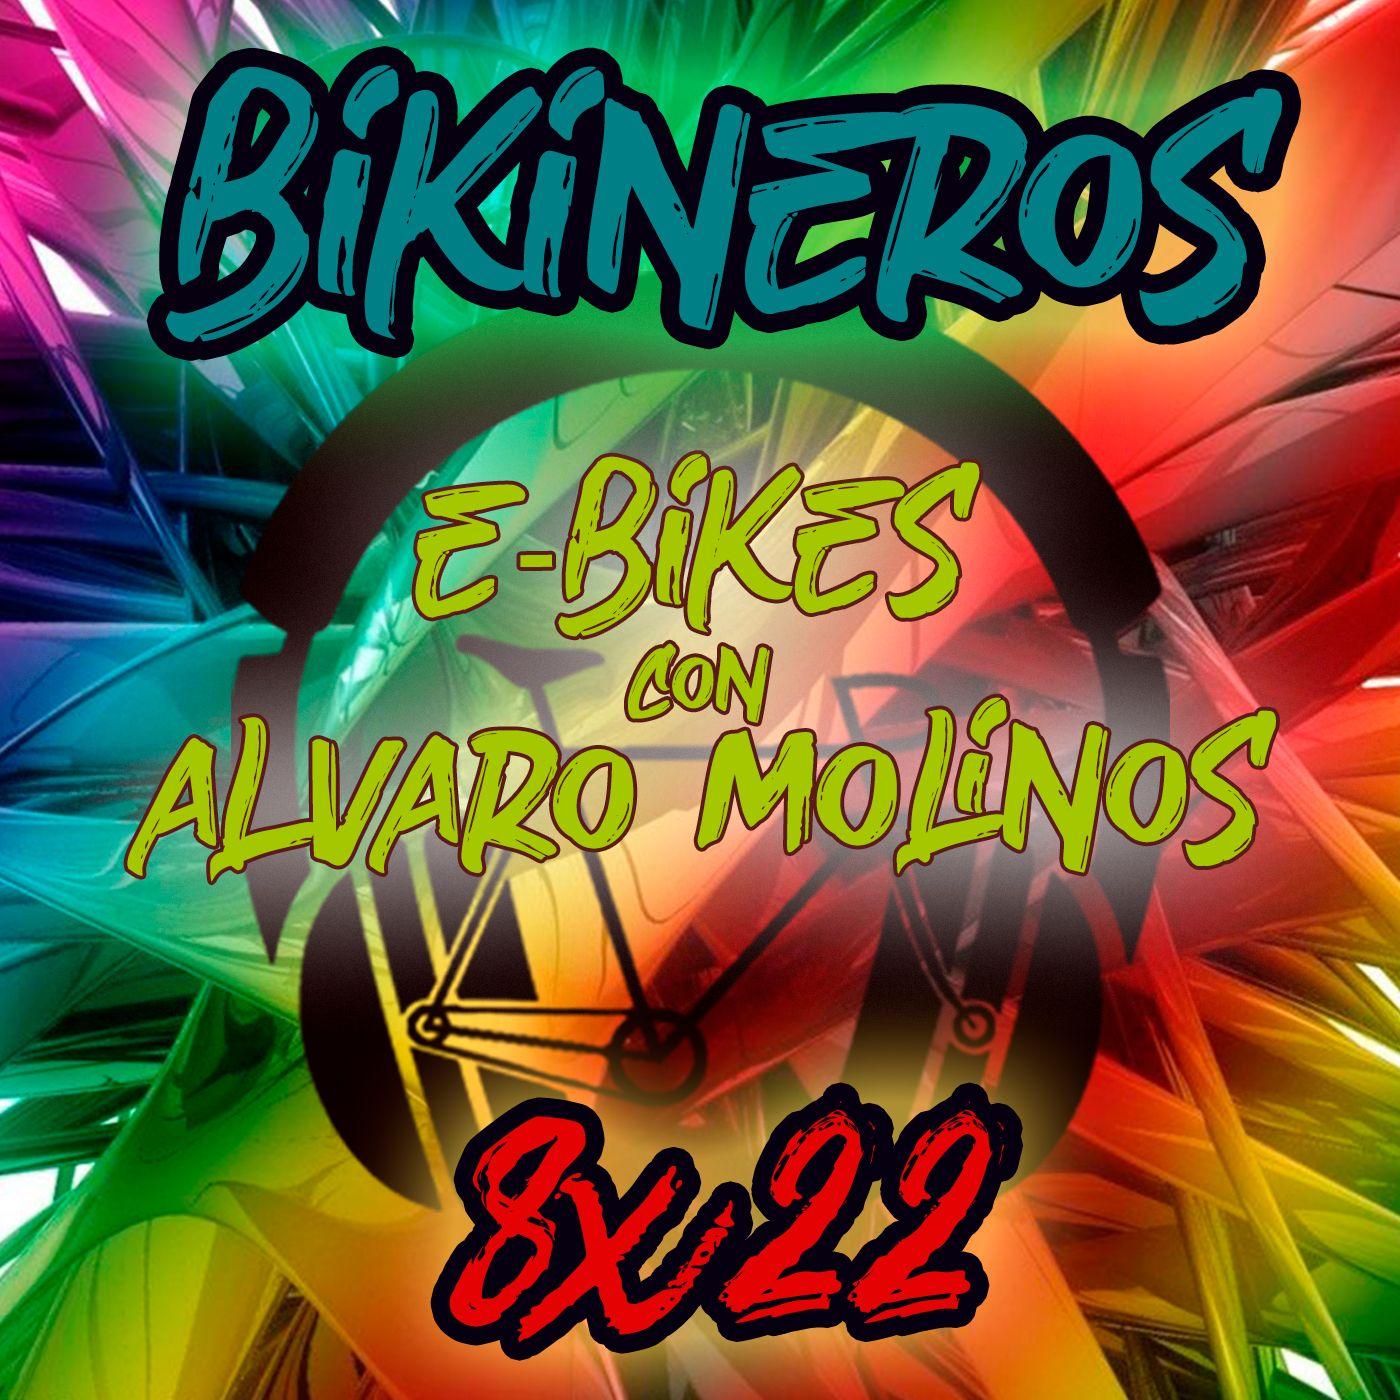 BKN 8x22 Lo de las EBIKES, la ITZULIA, Soy Globero, F1 y los plátanos rojos